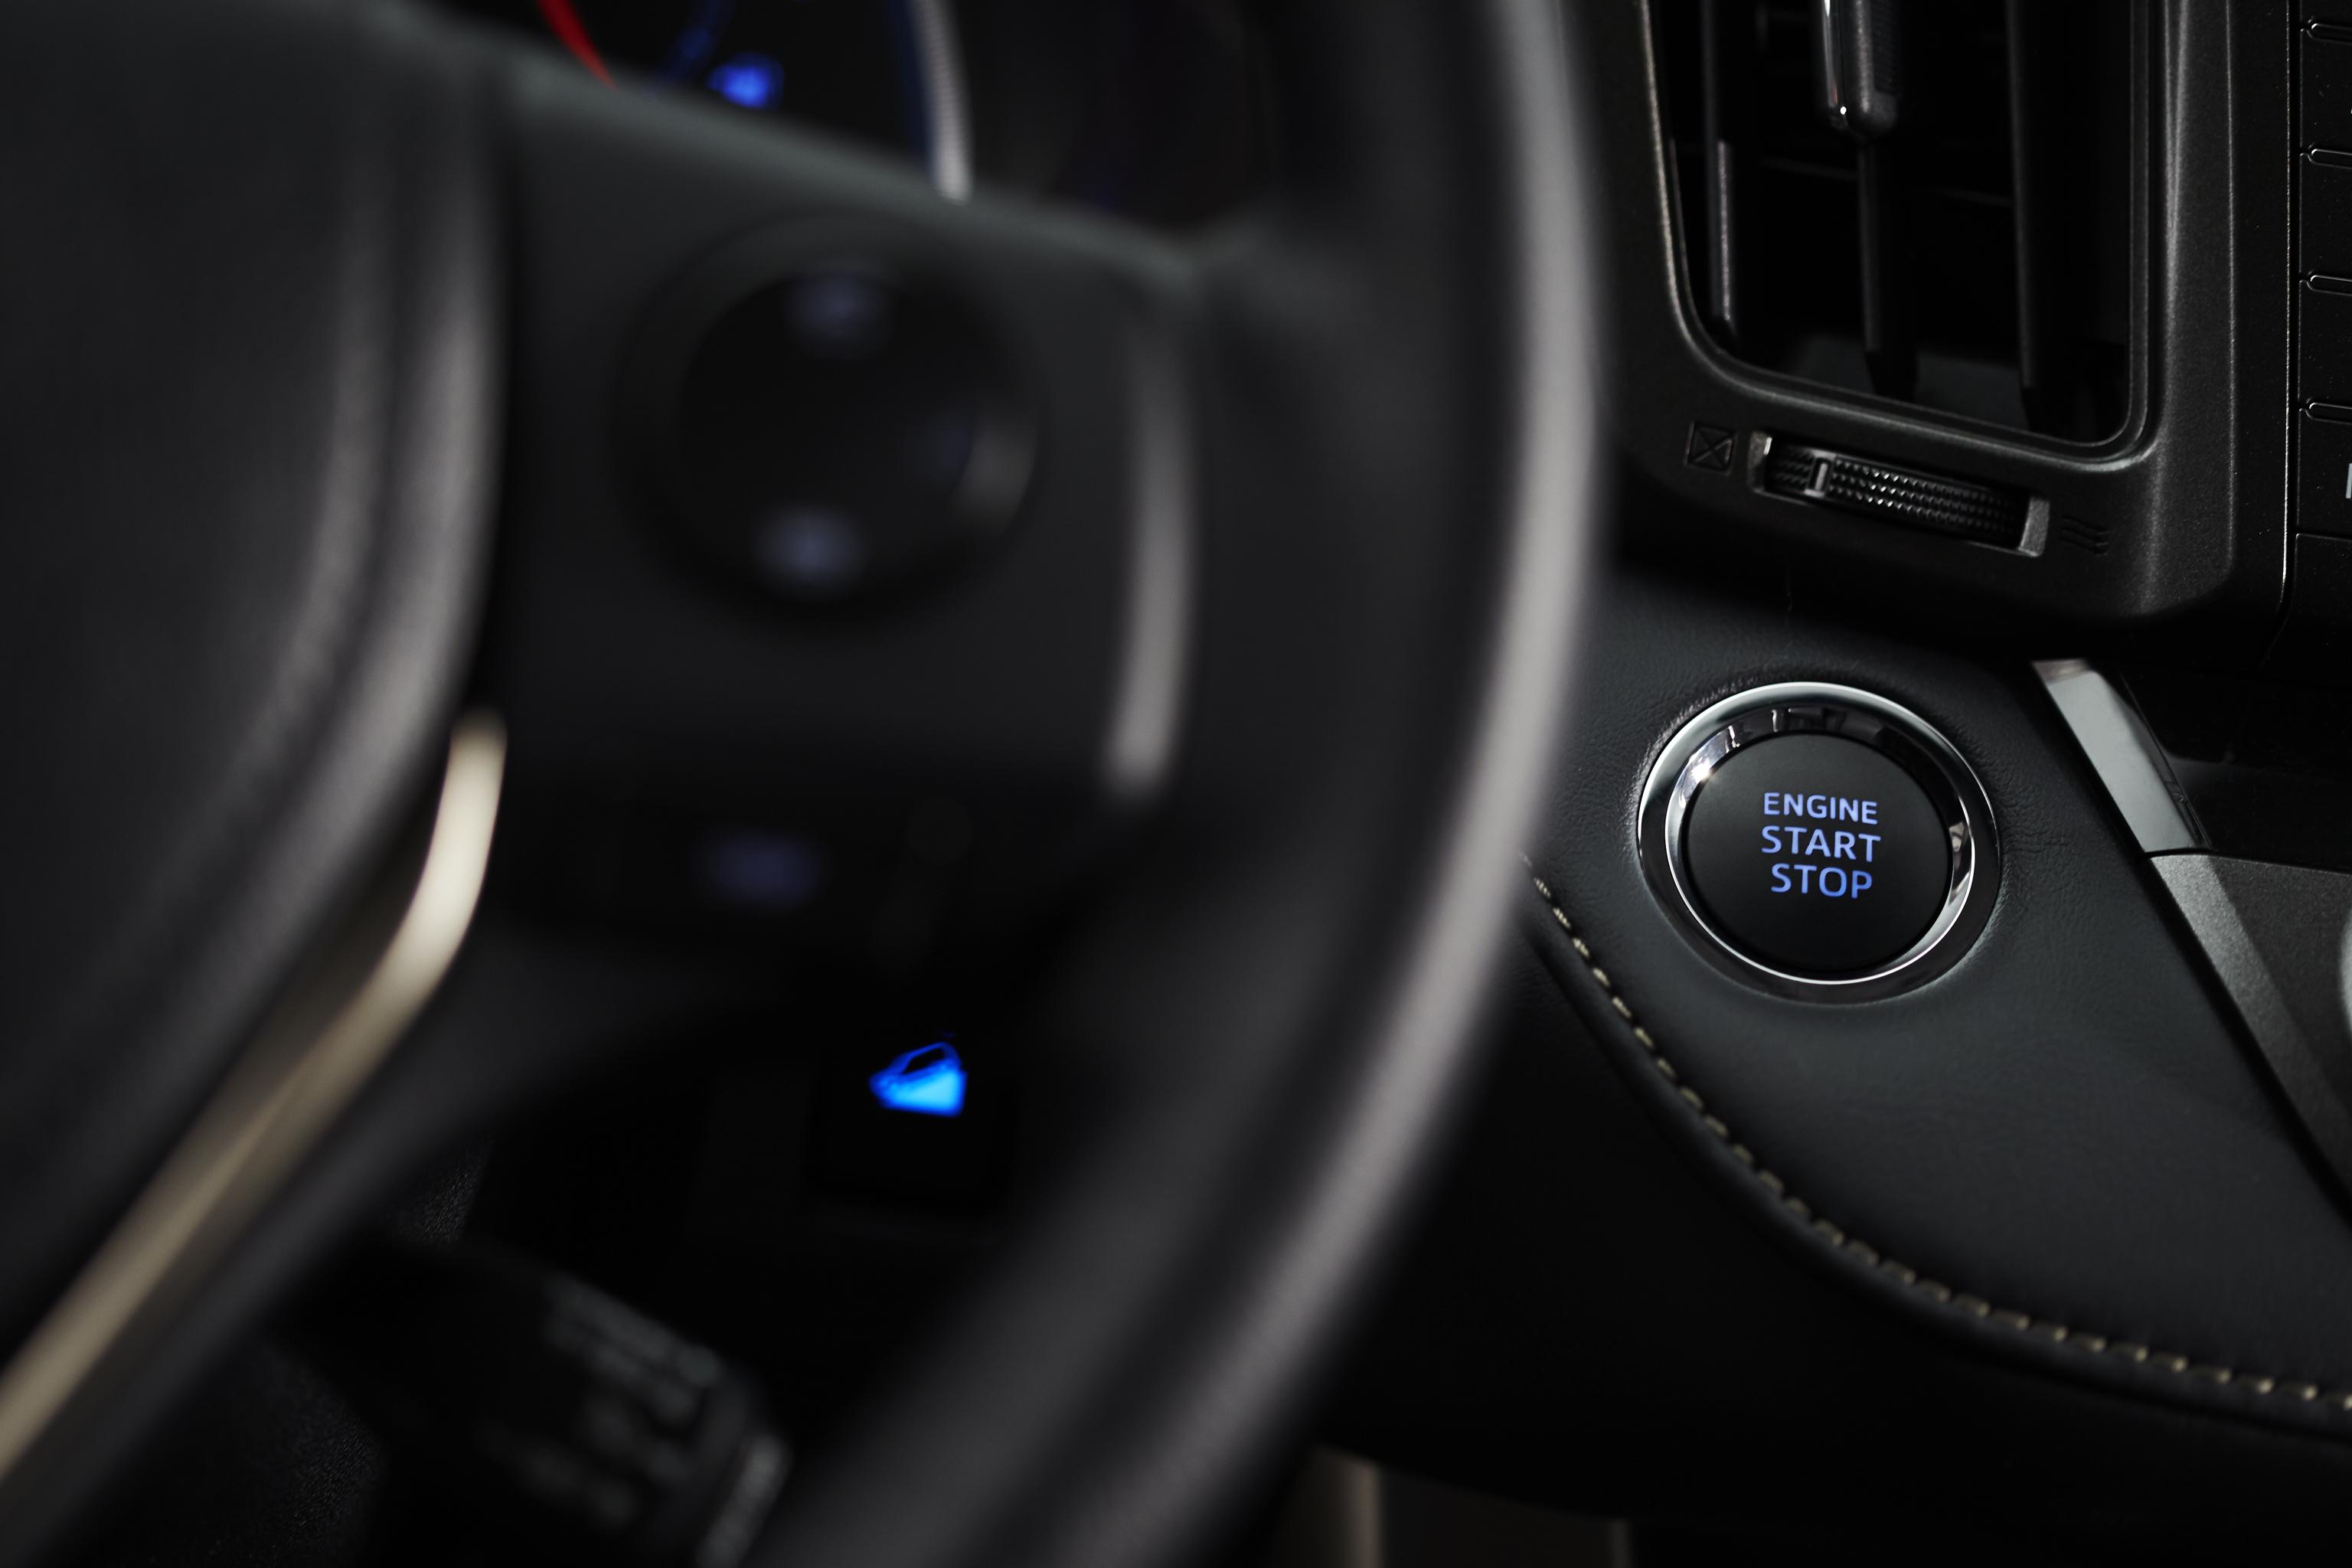 Варианты отключения системы Start/Stop на VW Tiguan